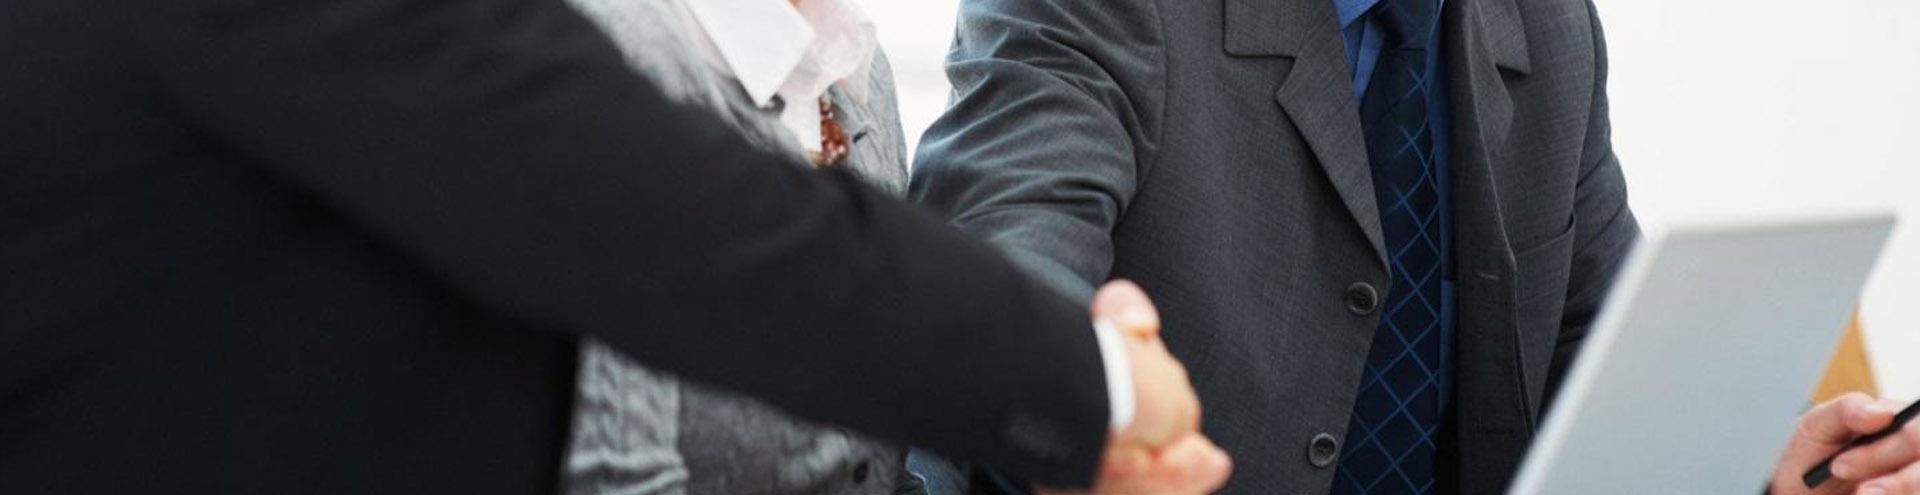 консультация юриста в Нижнем Новгороде